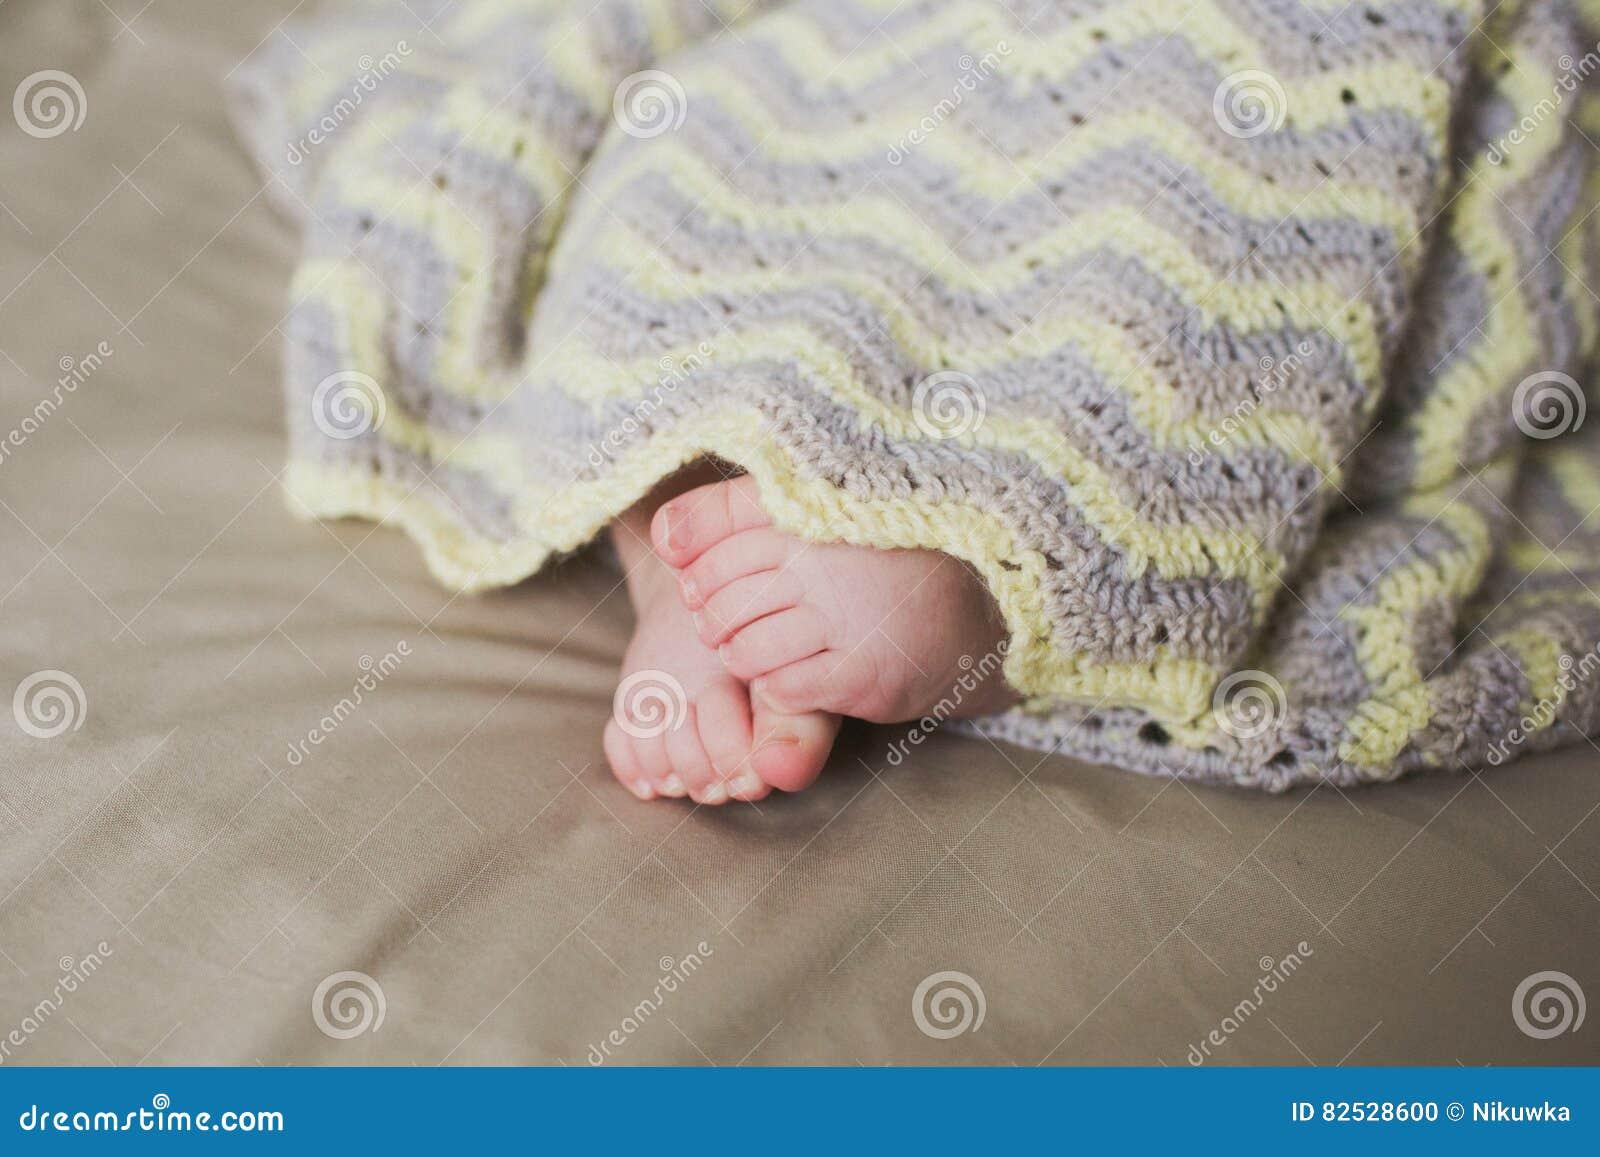 Pies recién nacidos adorables del bebé